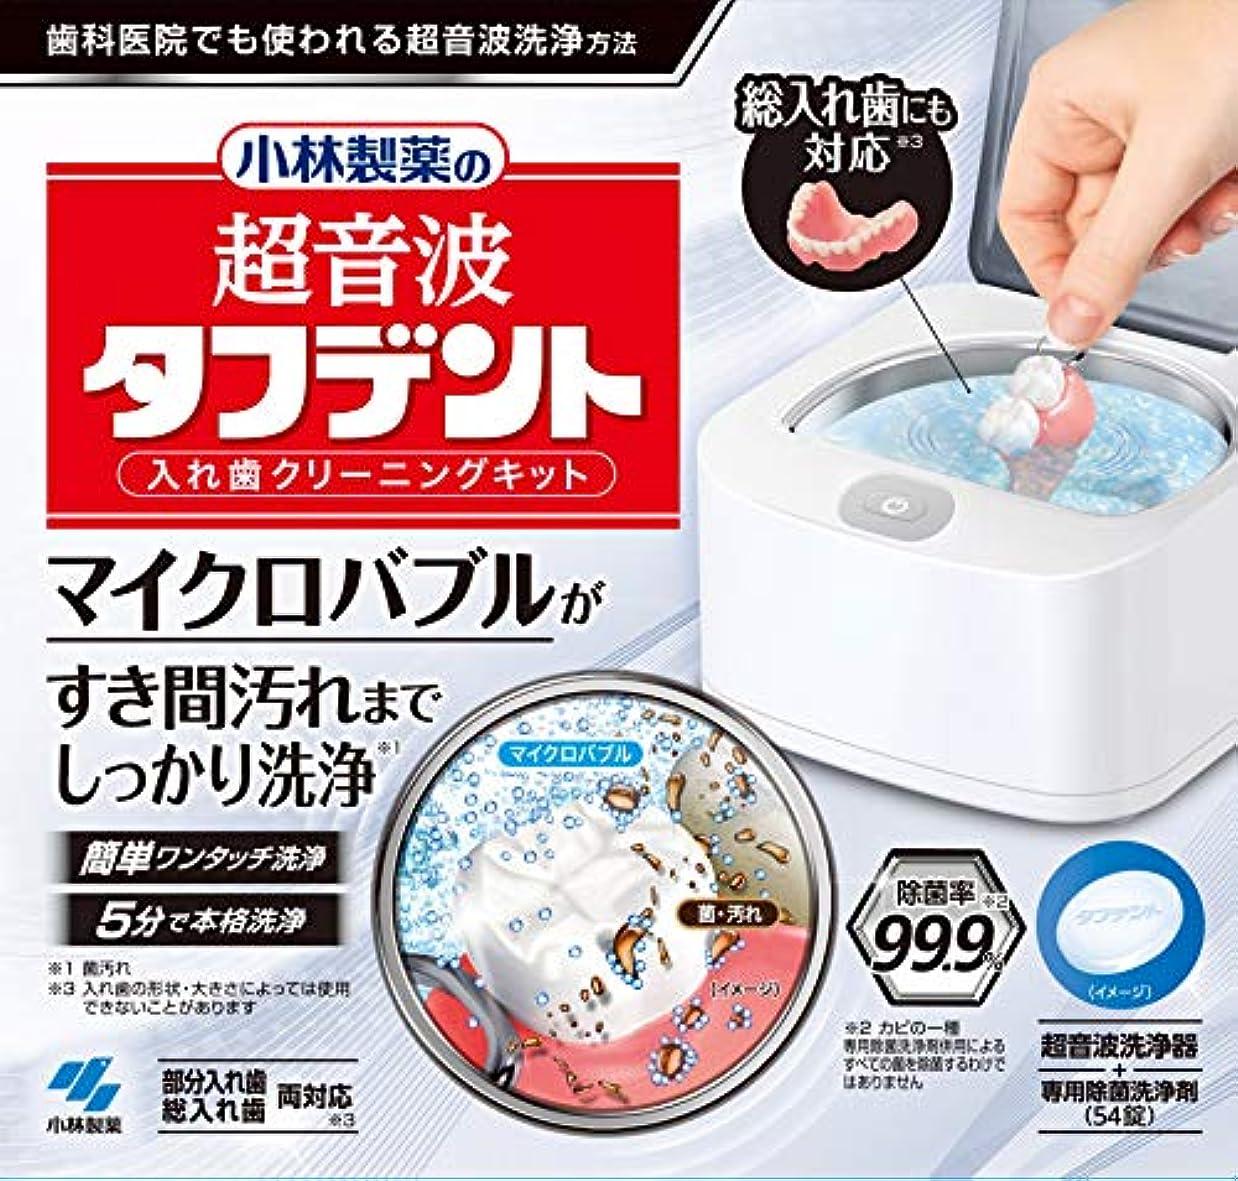 ひどく衣装医療の小林製薬 義歯洗浄剤 超音波タフデント入れ歯クリーニングキット(メガネクリーナー付)